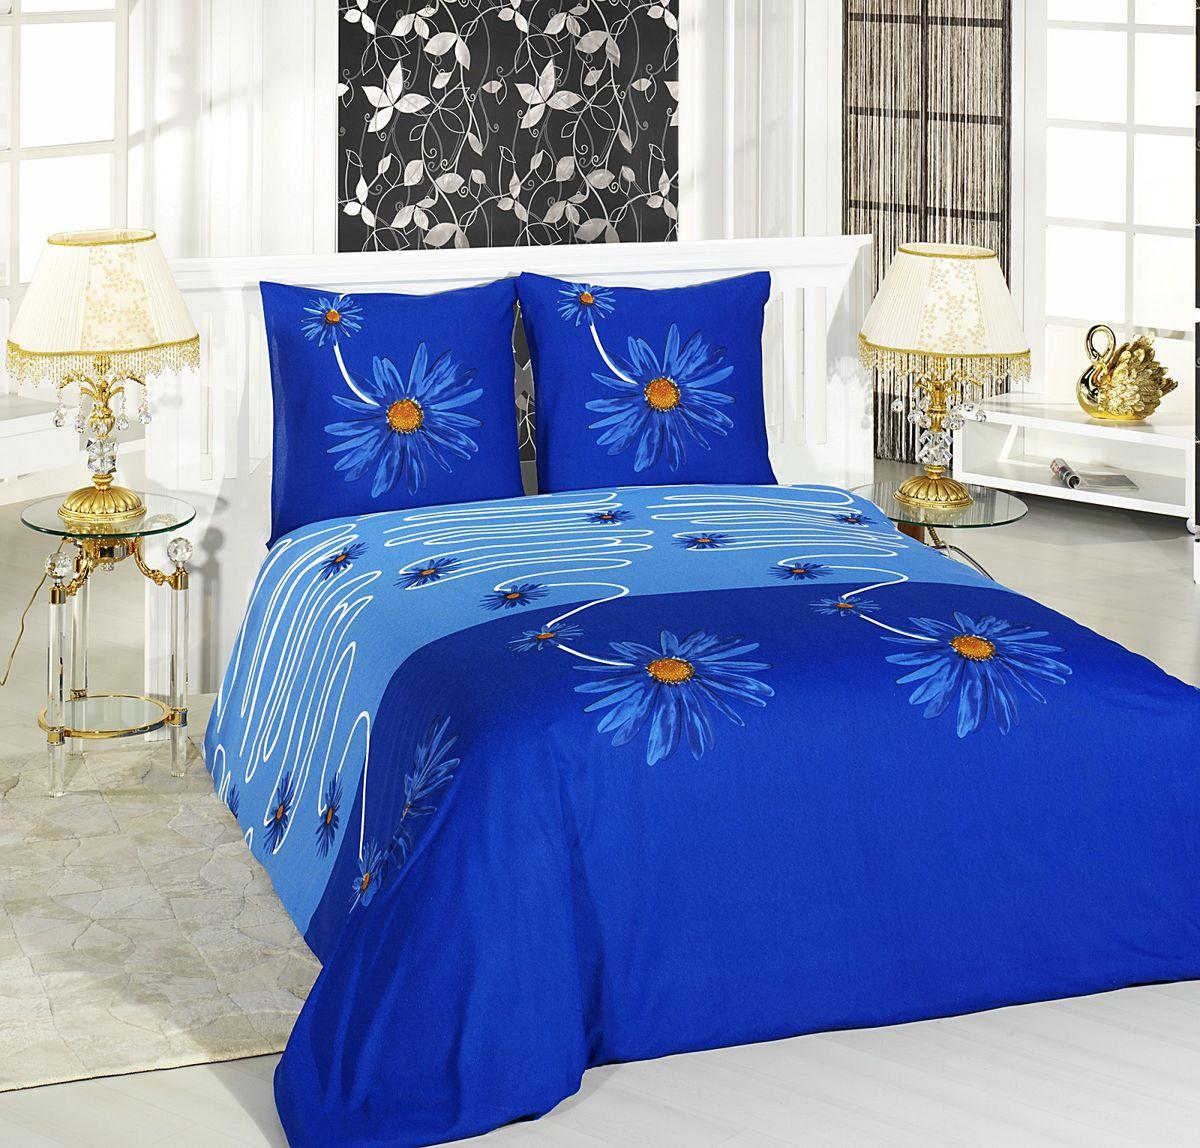 Комплект белья Antalya, 2-спальный, наволочки 70х70, цвет: темно-синий, белый. 821055821055Комплект белья Antalya состоит из простыни, пододеяльника и двух наволочек. Изделия выполнены из махровой ткани (высококачественного турецкого хлопка с добавлением полиэстера) и оформлены цветочным рисунком. Ткань эластичная, хорошо тянется. Простыня снабжена резинкой по периметру, что позволяет надежно зафиксировать ее на матрасе. Пододеяльник и наволочки - на молнии. Такой комплект белья подарит мягкость, комфорт и уют во время сна, а яркий дизайн красиво дополнит интерьер.